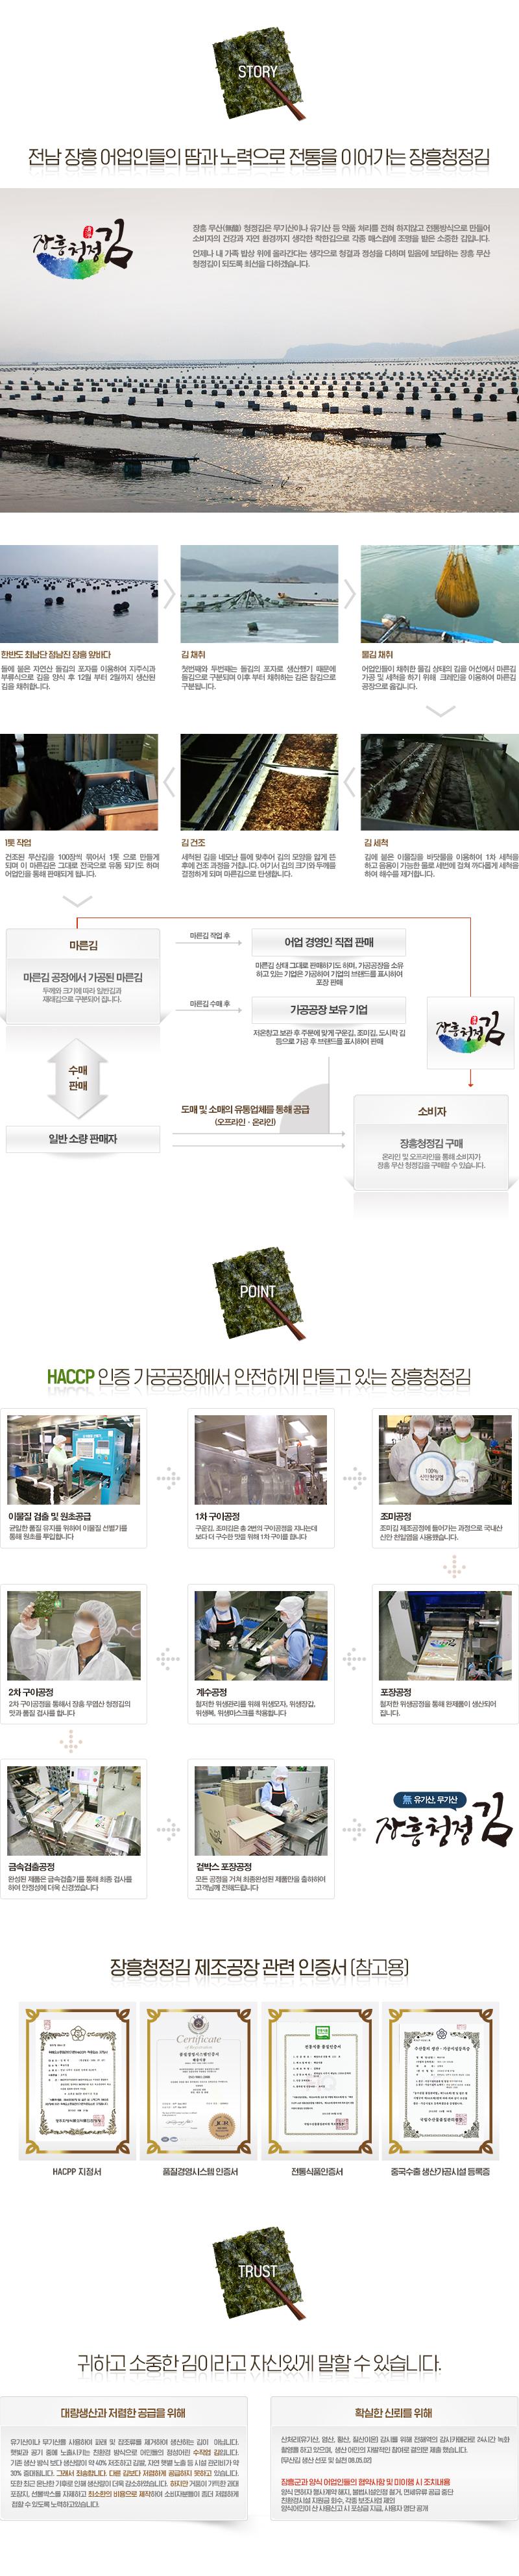 무산김 장흥청정김 행복 4호 선물세트